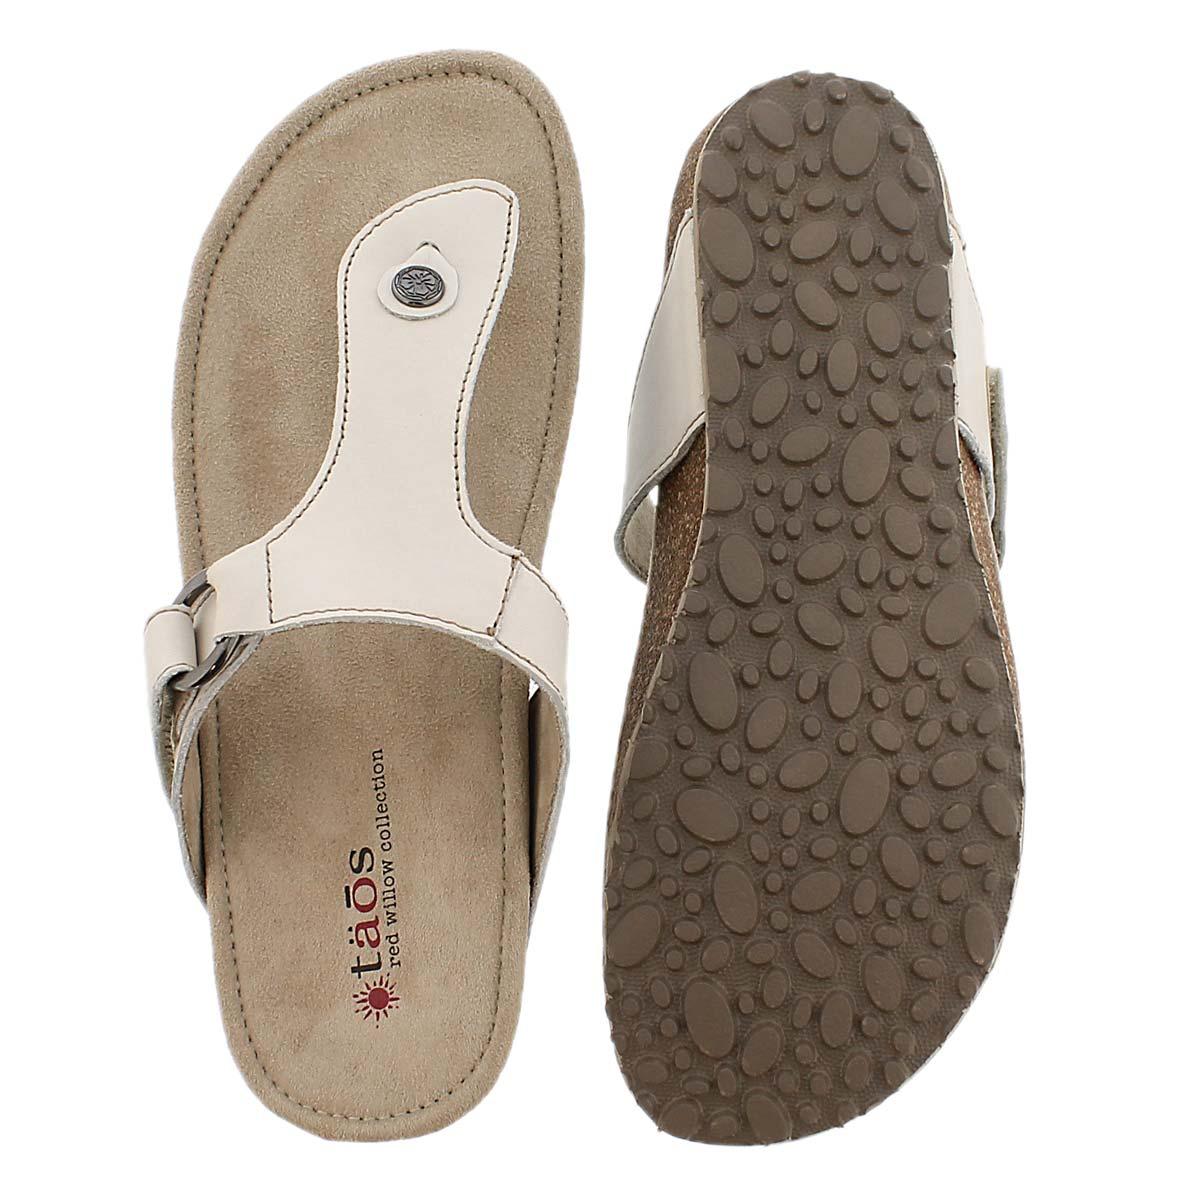 Sandale tong Louisa, blanc, femmes